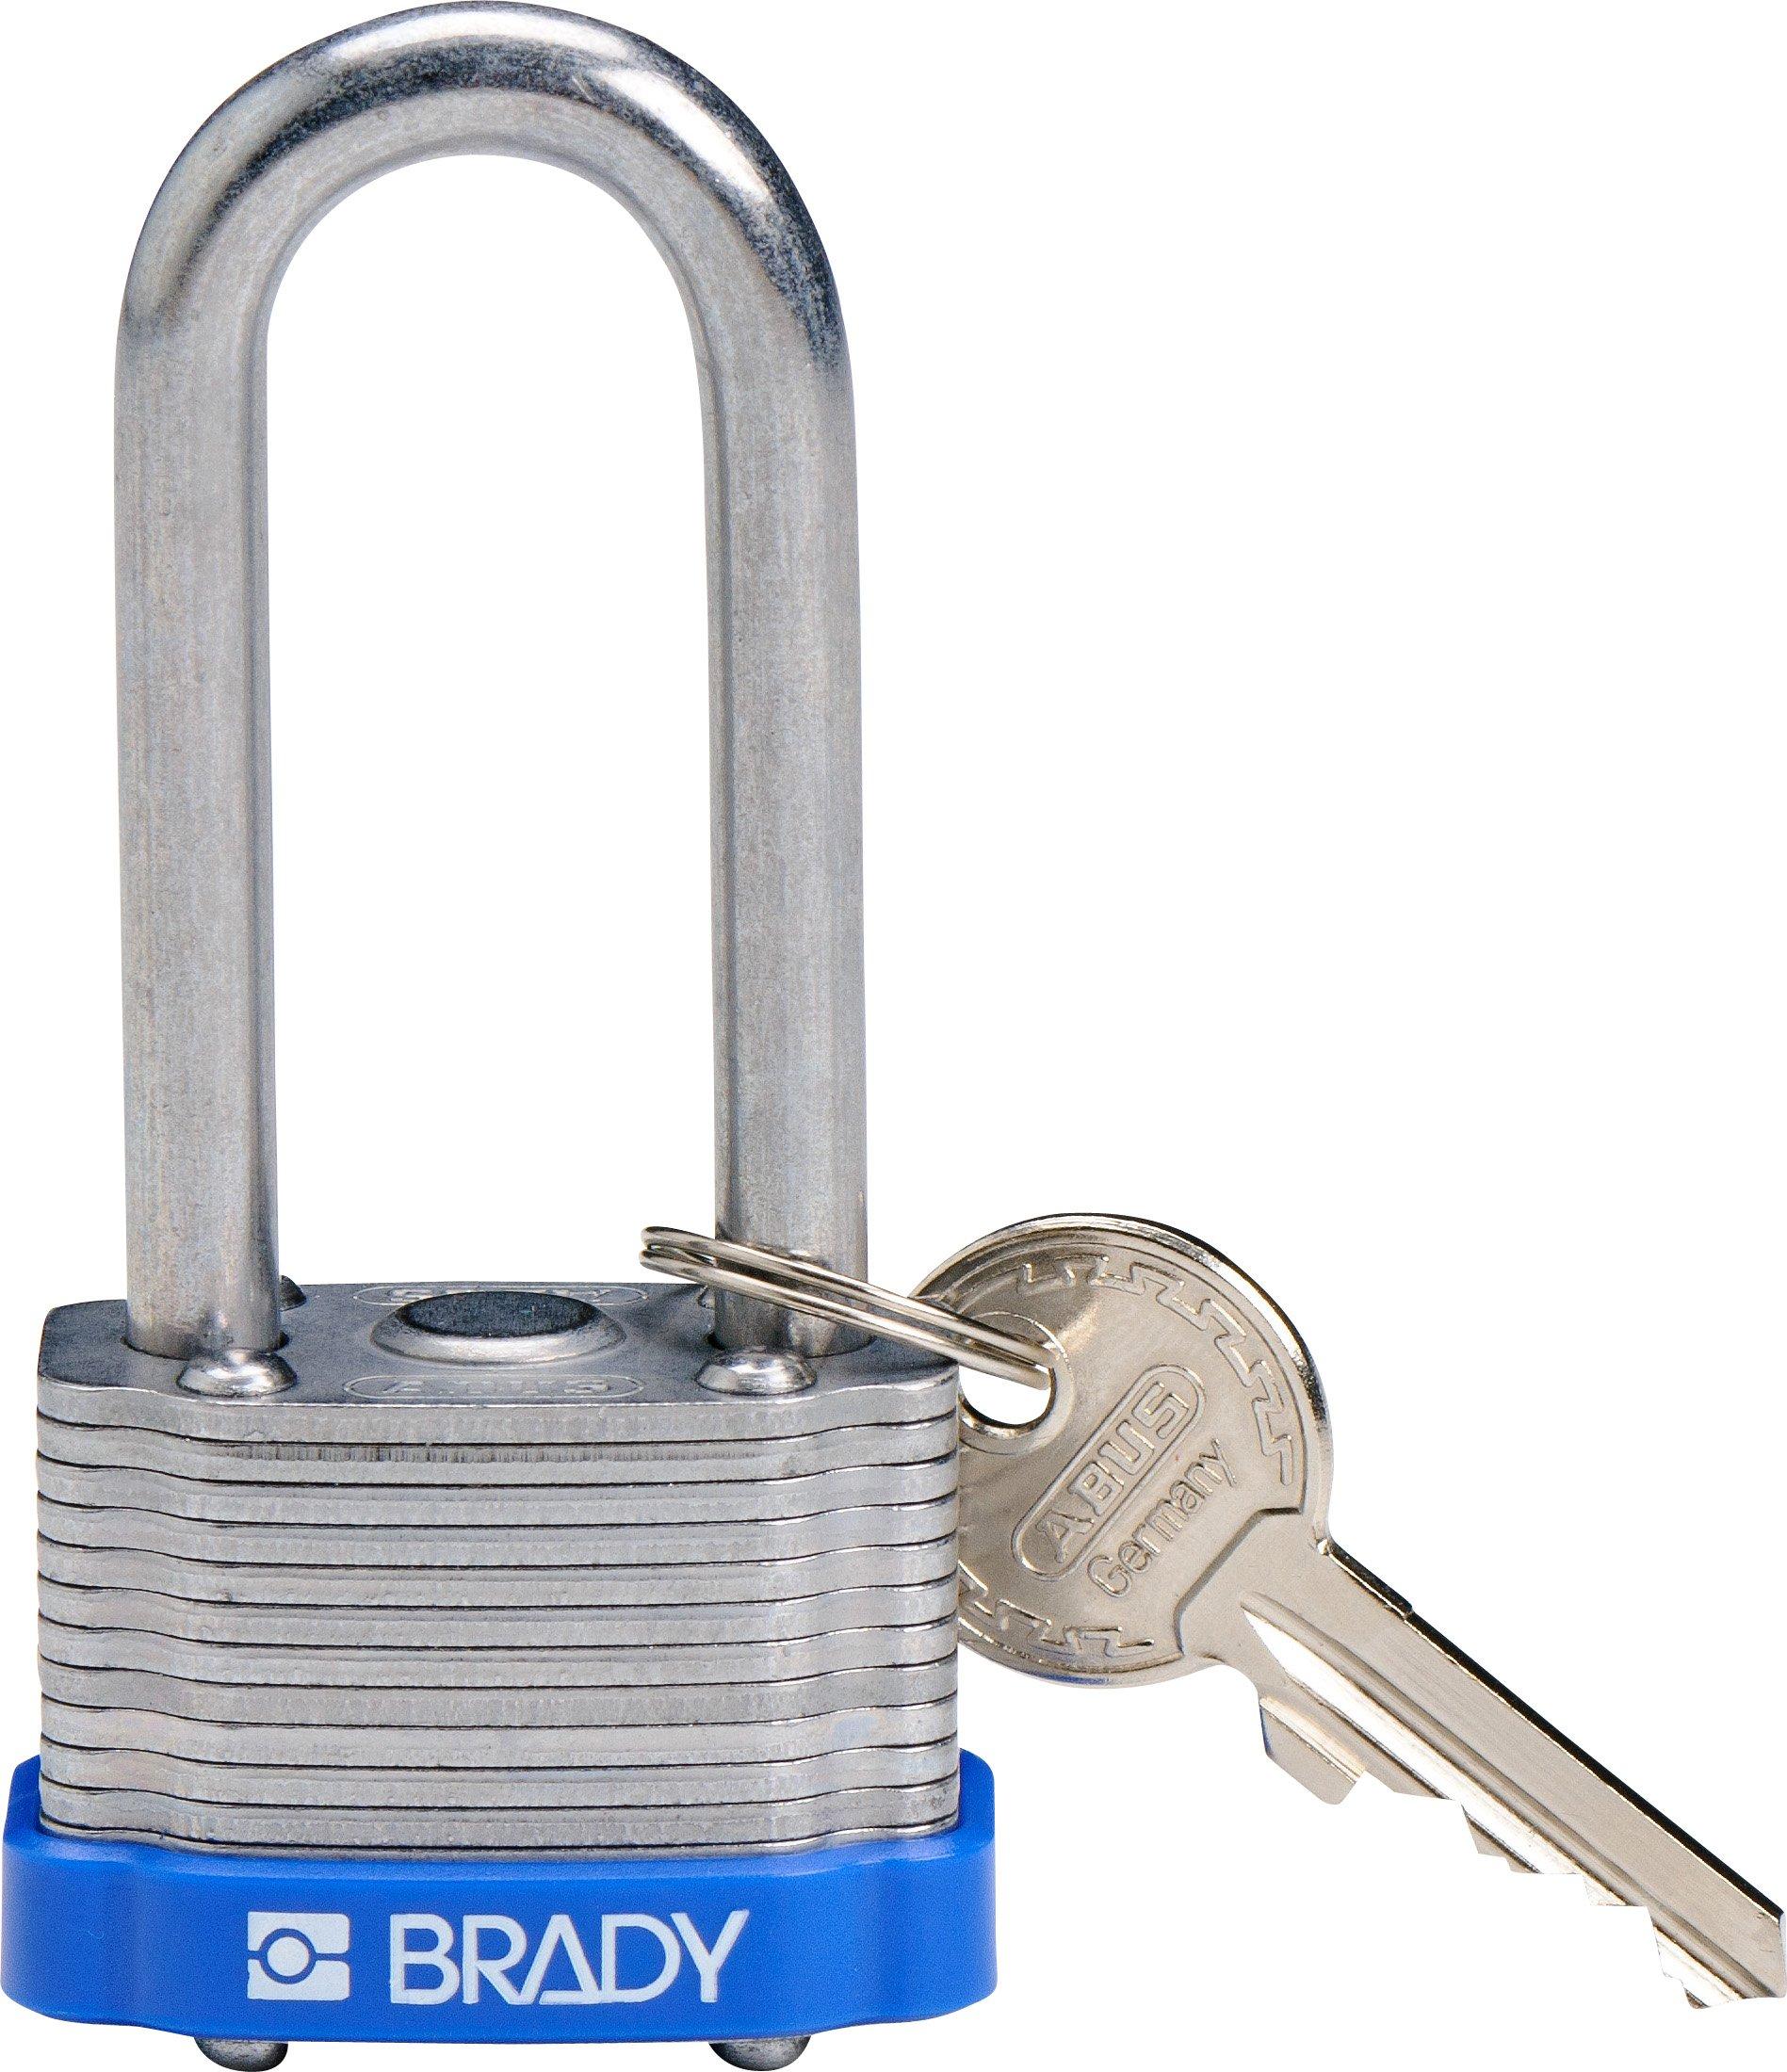 Brady 118973 Blue, Key Retaining Steel PadLock - 2'' Shackle - Keyed Alike (3 Locks)